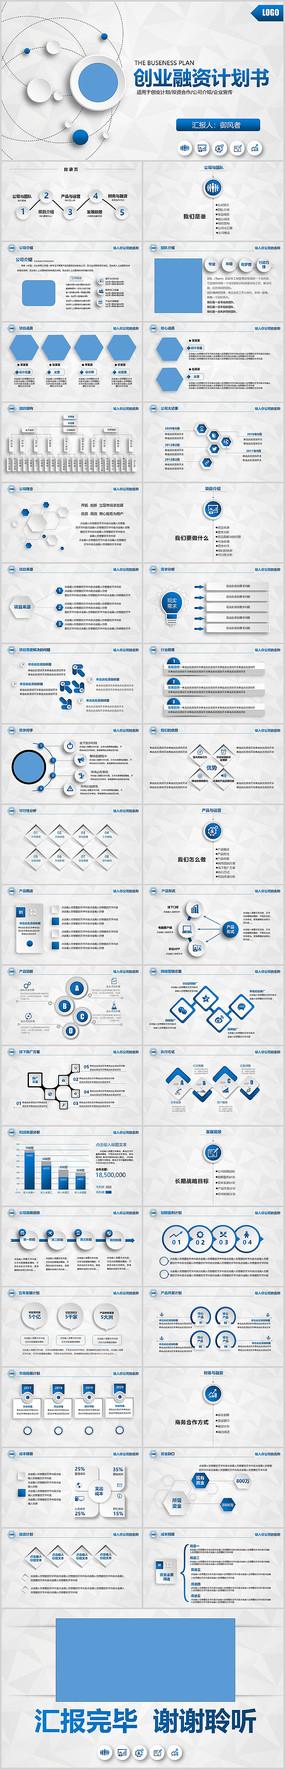 蓝色商业计划书创业融资PPT